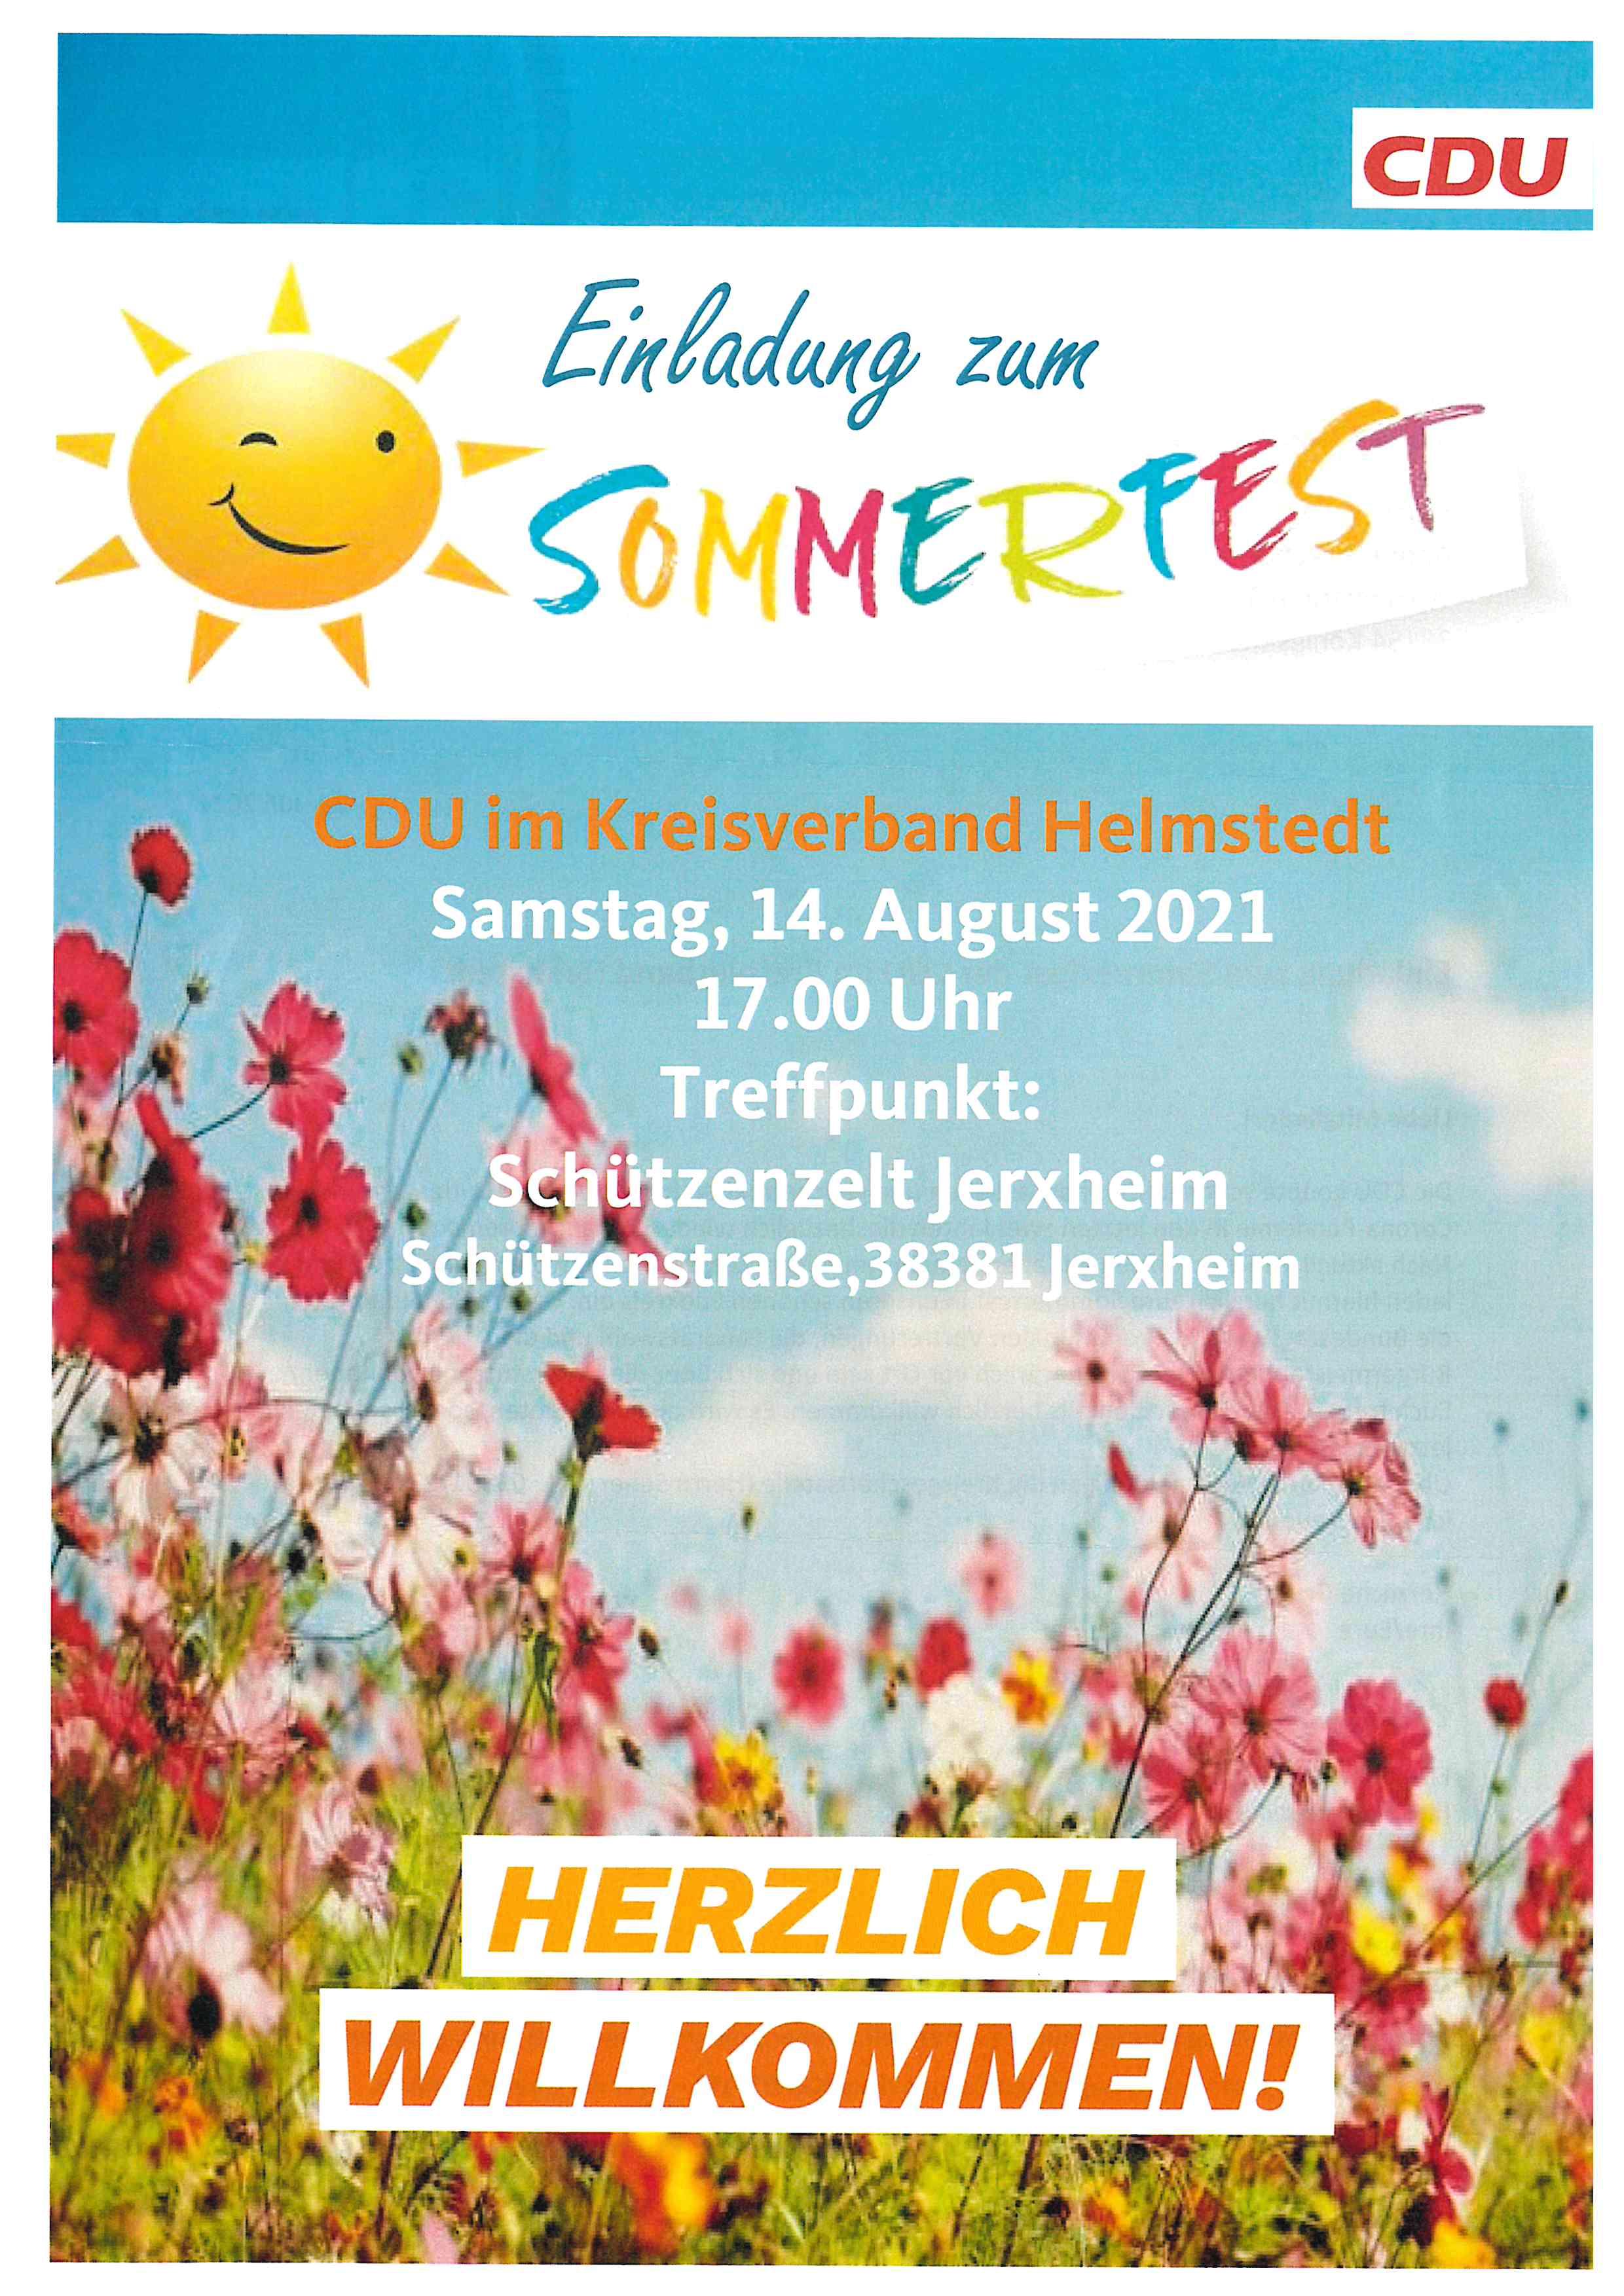 CDU Sommerfest 2021 in Jerxheim